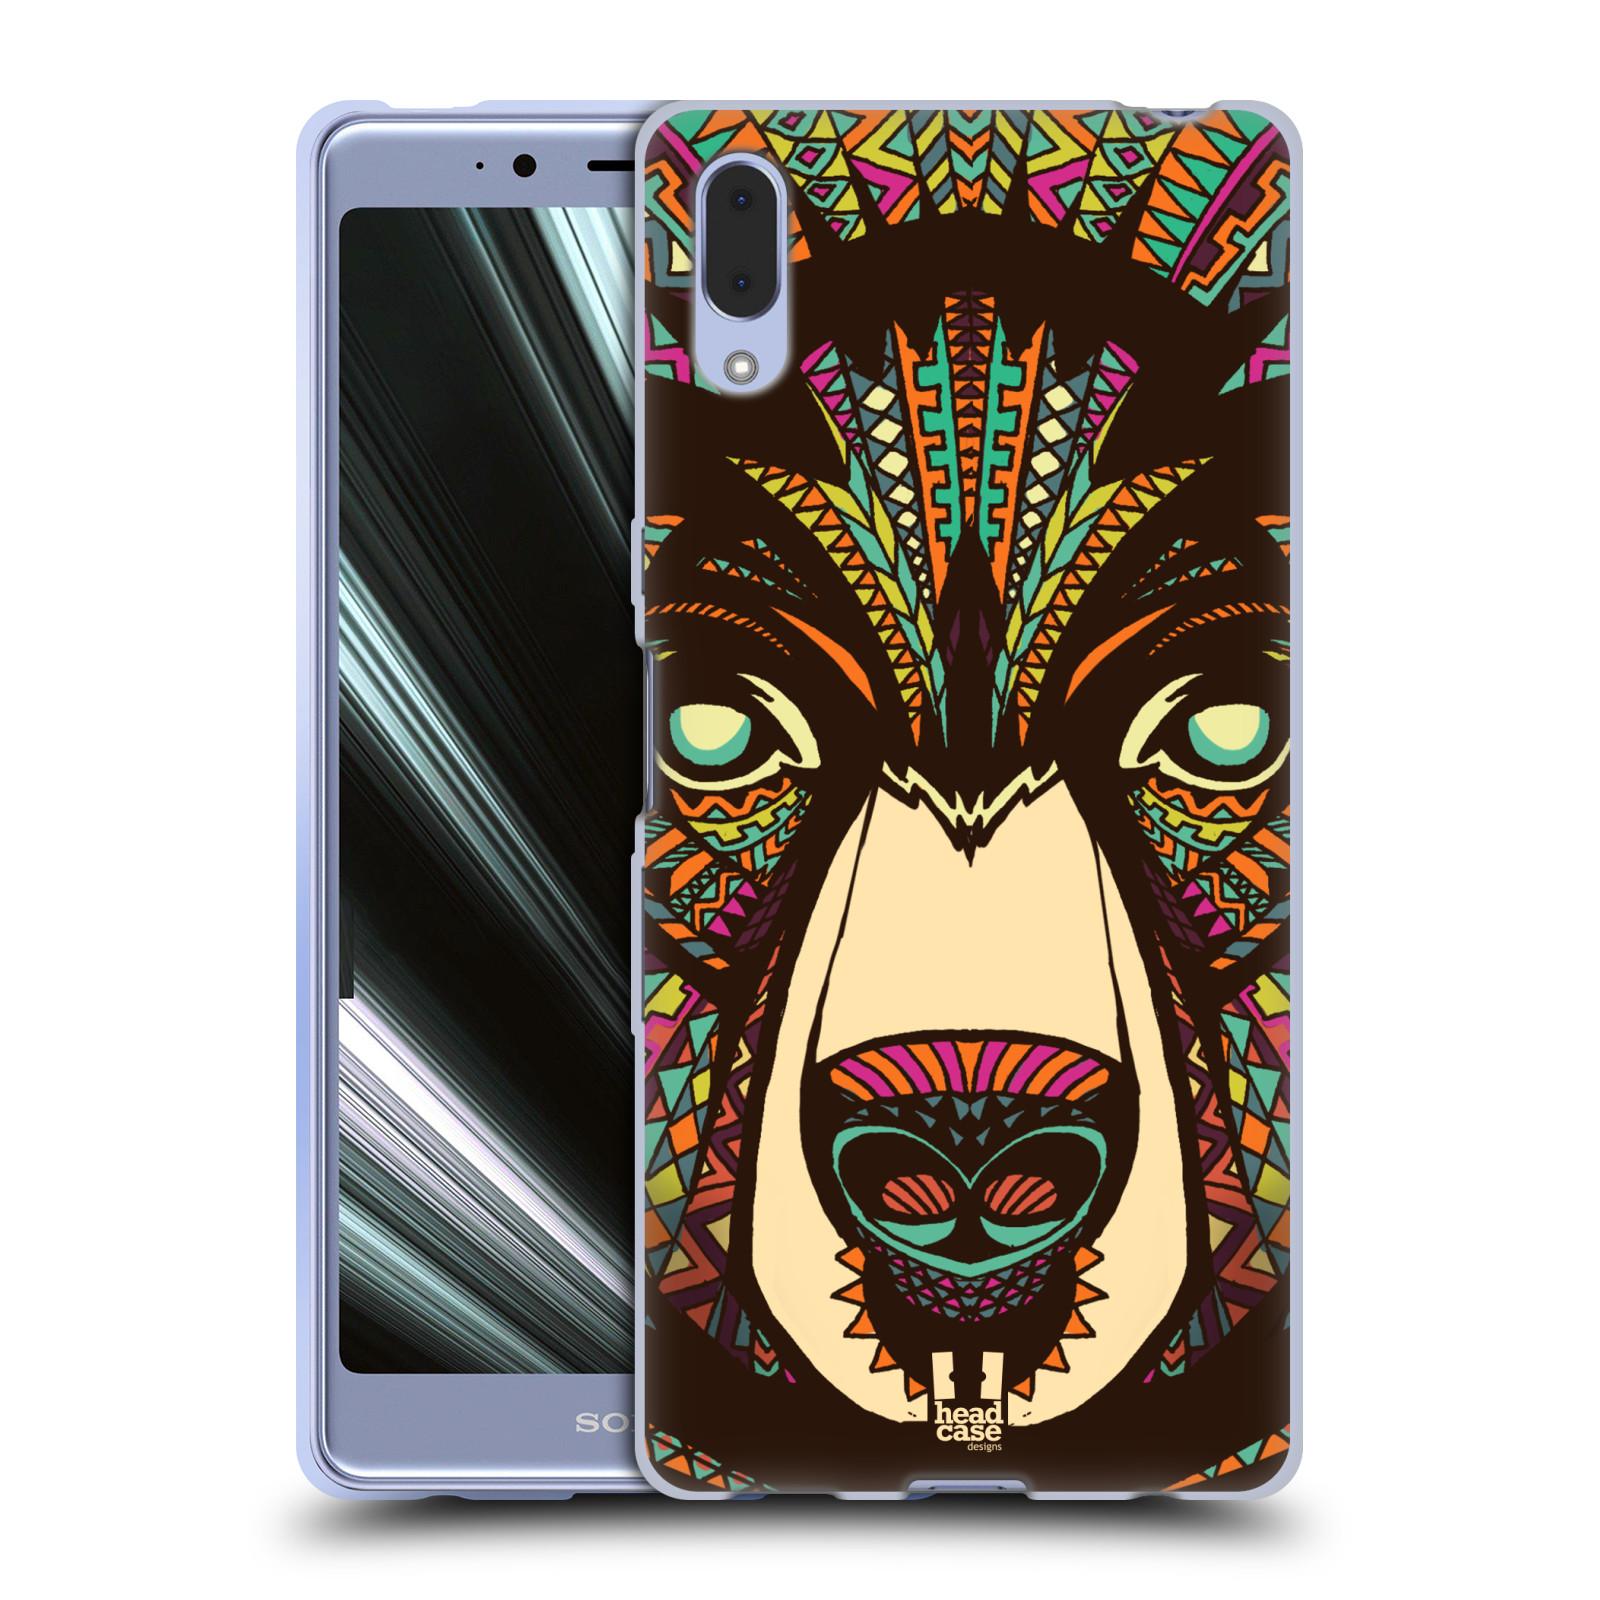 Silikonové pouzdro na mobil Sony Xperia L3 - Head Case - AZTEC MEDVĚD